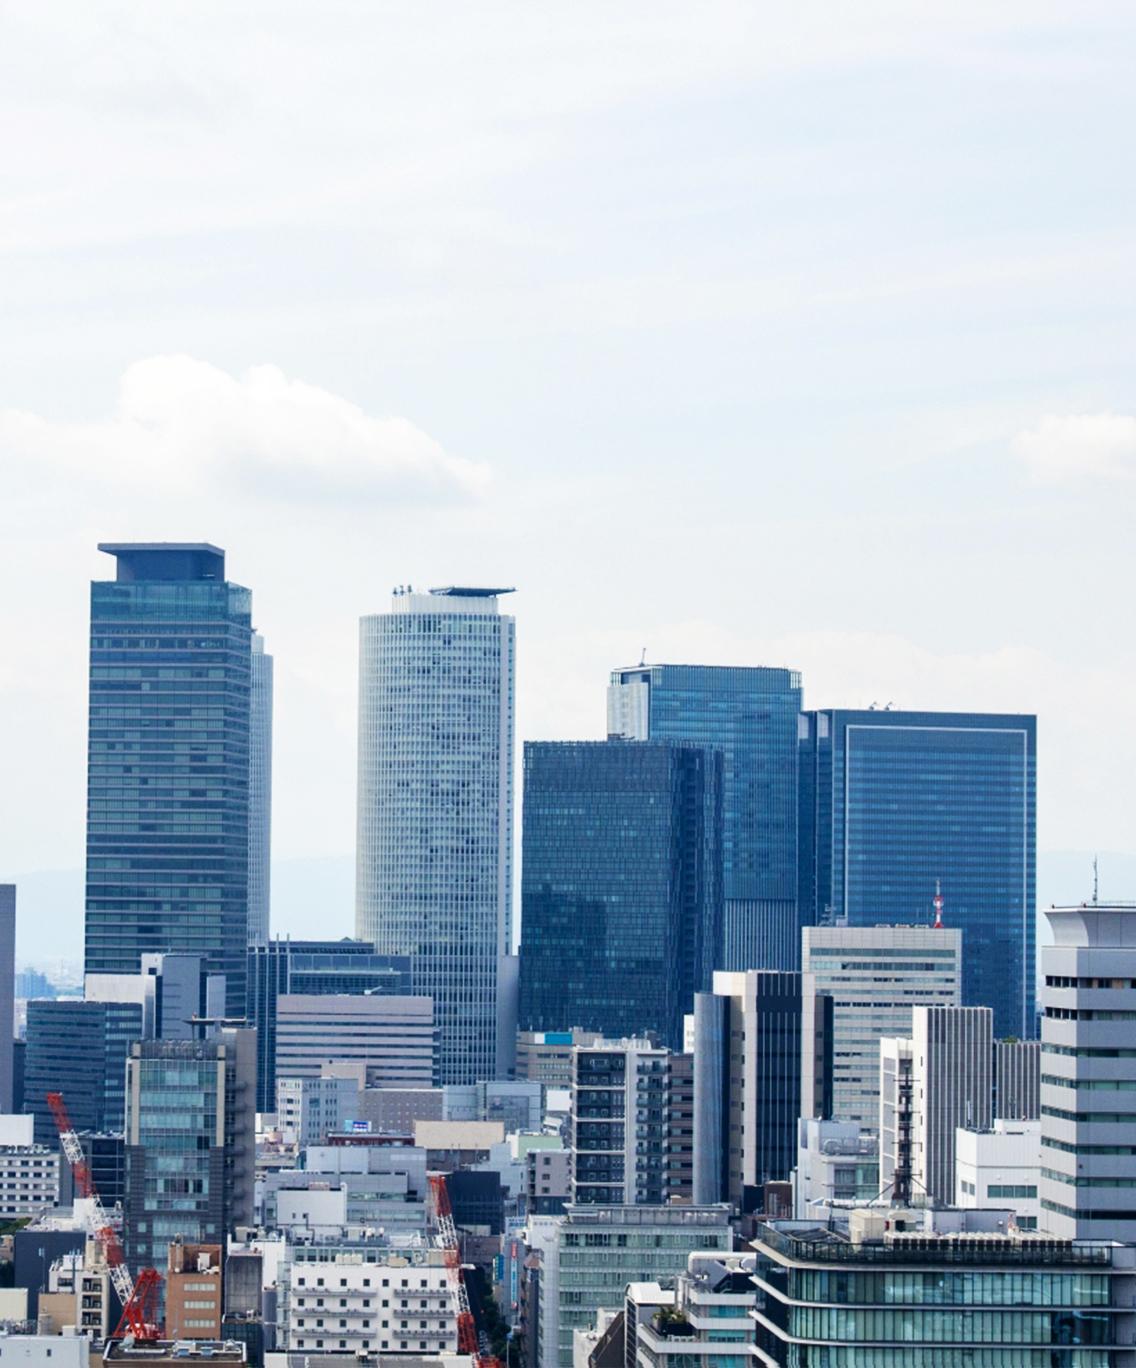 中小企業様向けのアドバイザリーファームであるJABSAをイメージさせる名古屋のビル群